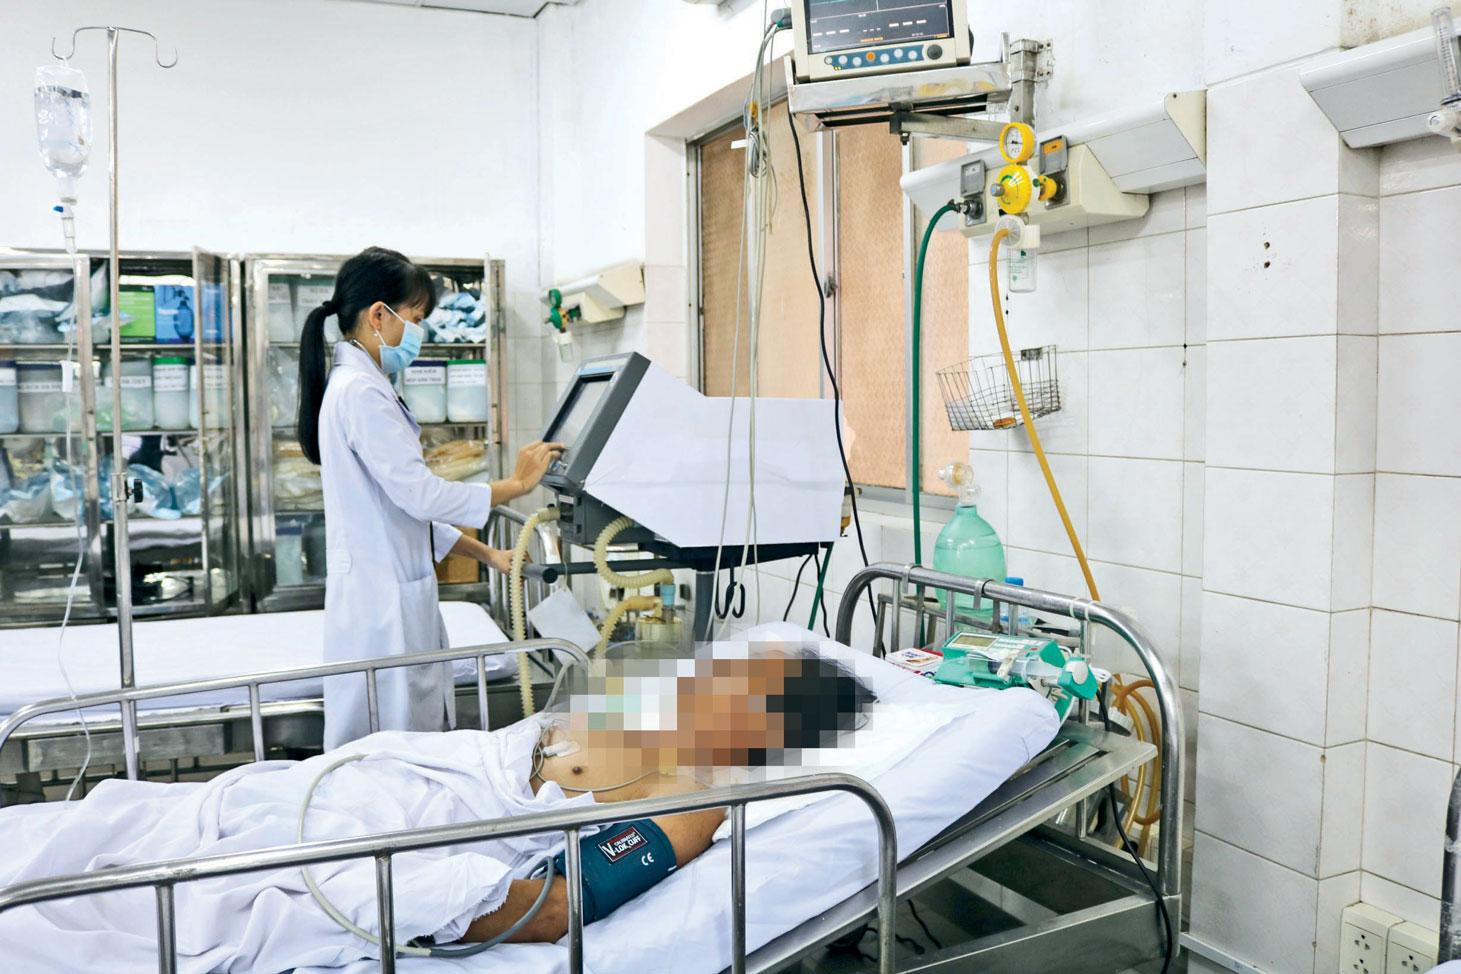 Mỗi ngày, tại khoa Cấp cứu, Bệnh viện đa khoa Long An tiếp nhận 30-40 trường hợp bị tai nạn giao thông